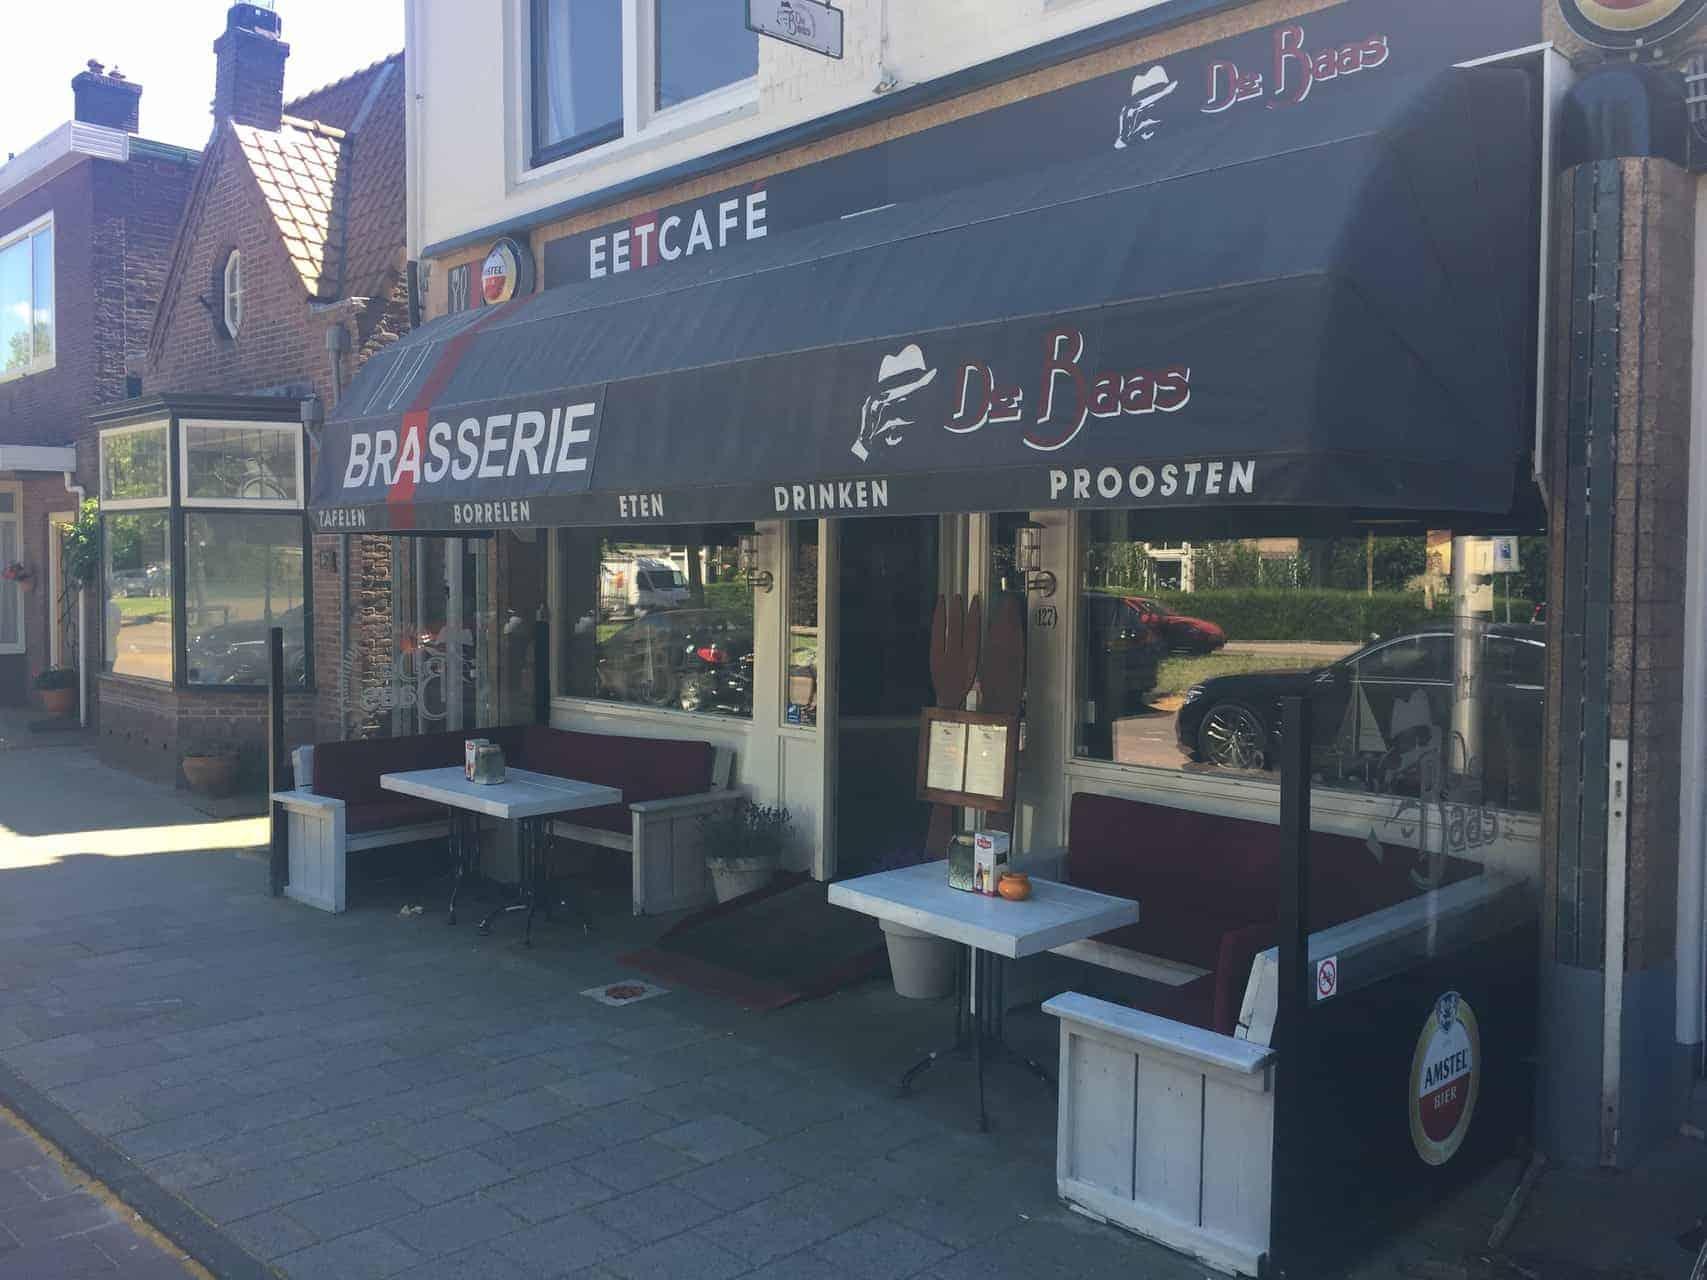 Eetcafé aan de Zandvoortselaan in Heemstede